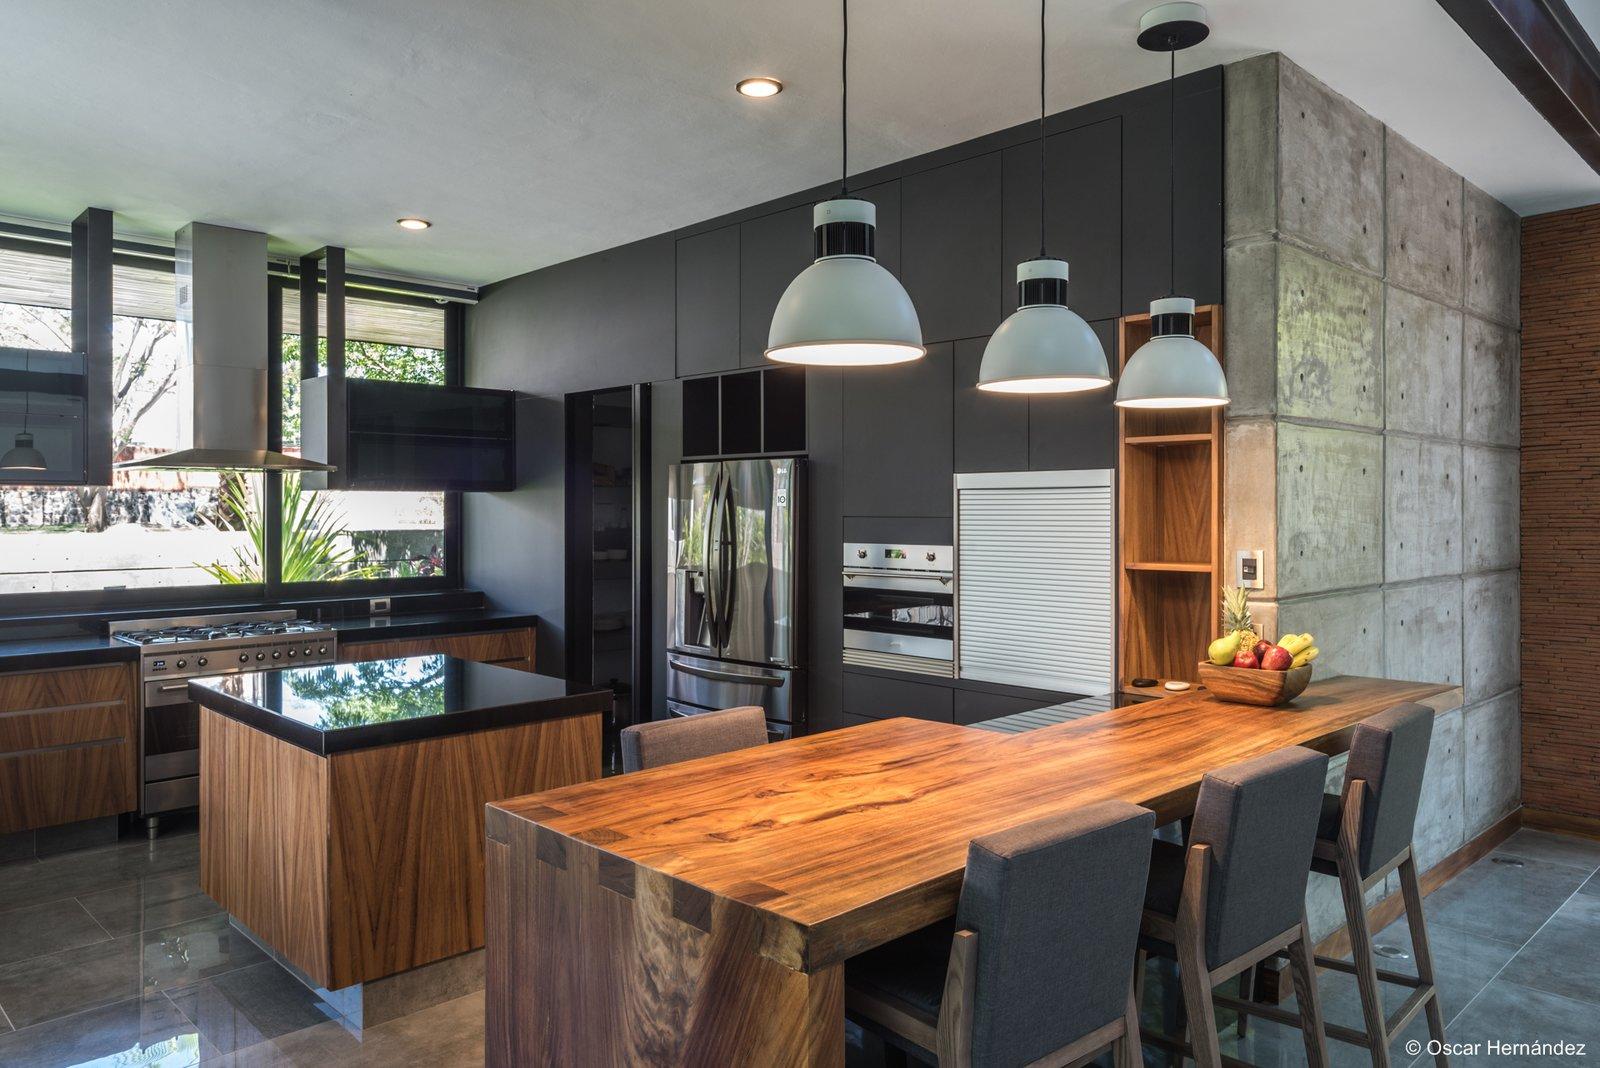 The kalyvas kitchen